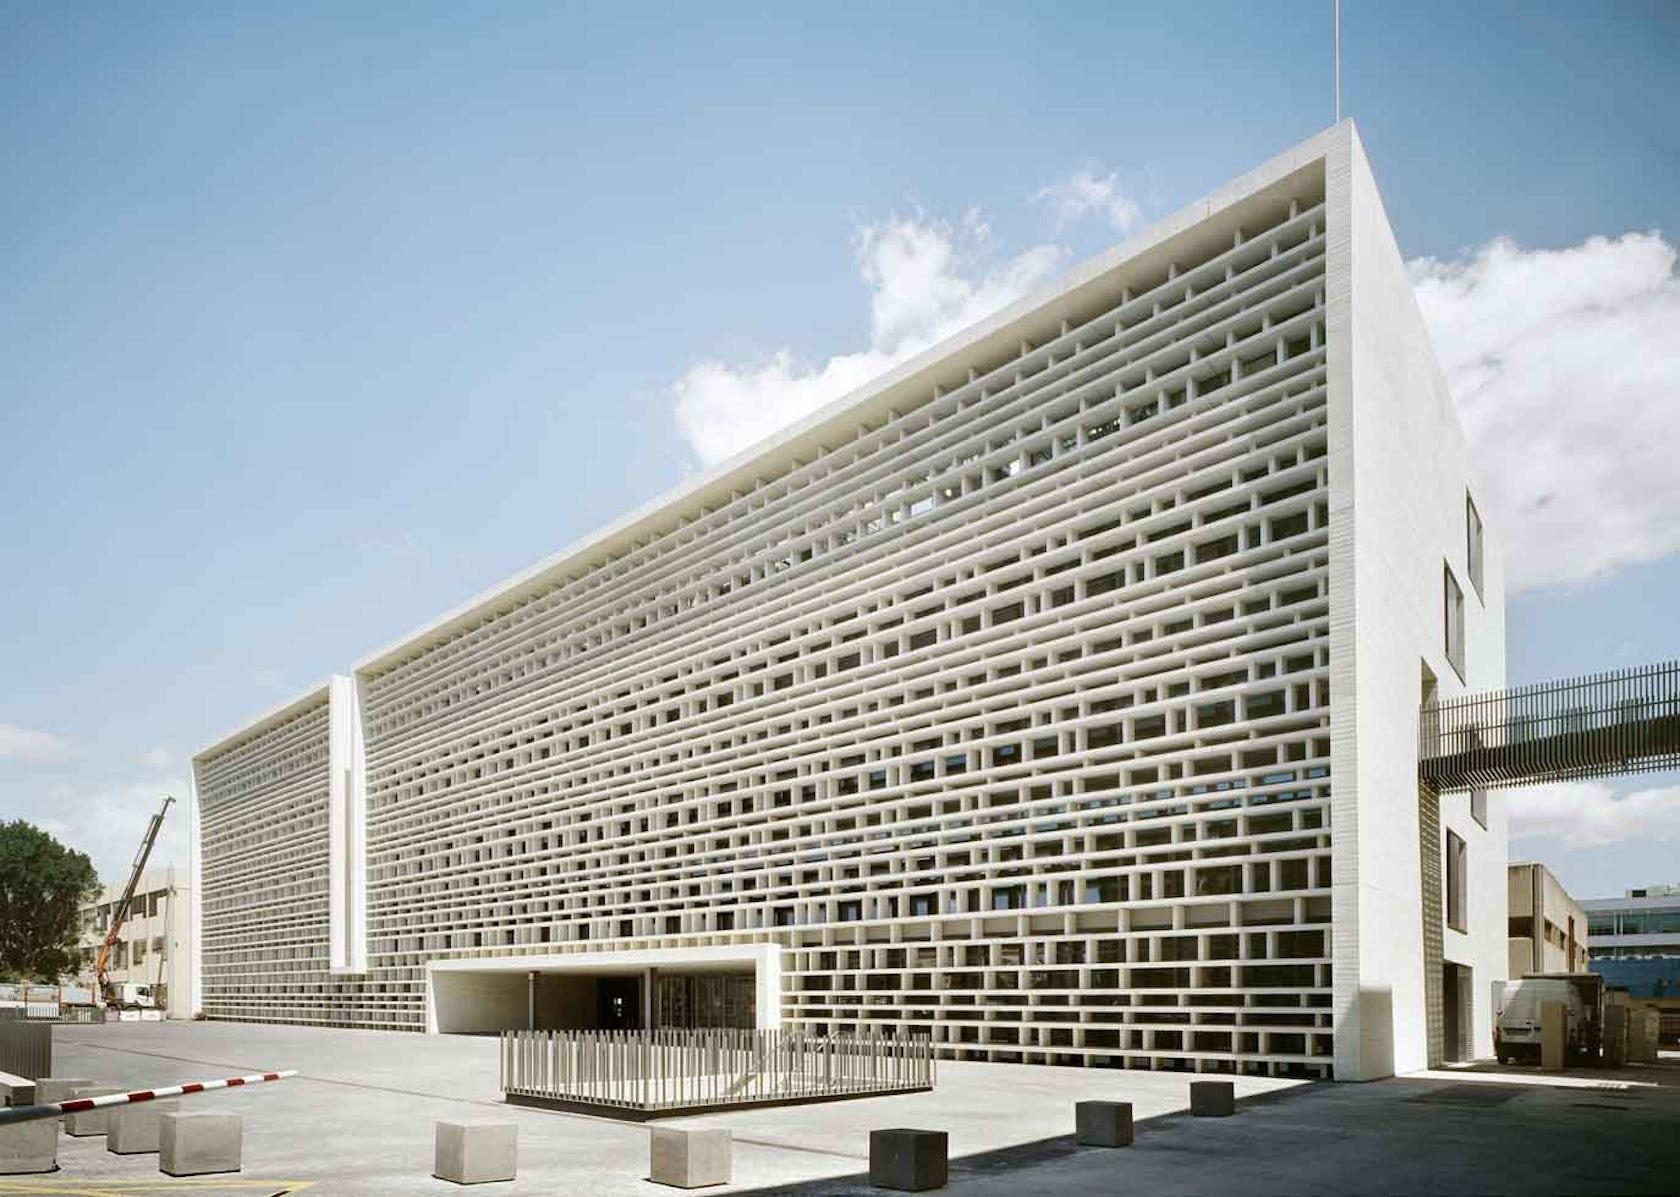 Campus de vera de la universidad polit cnica de valencia Arquitectura politecnica